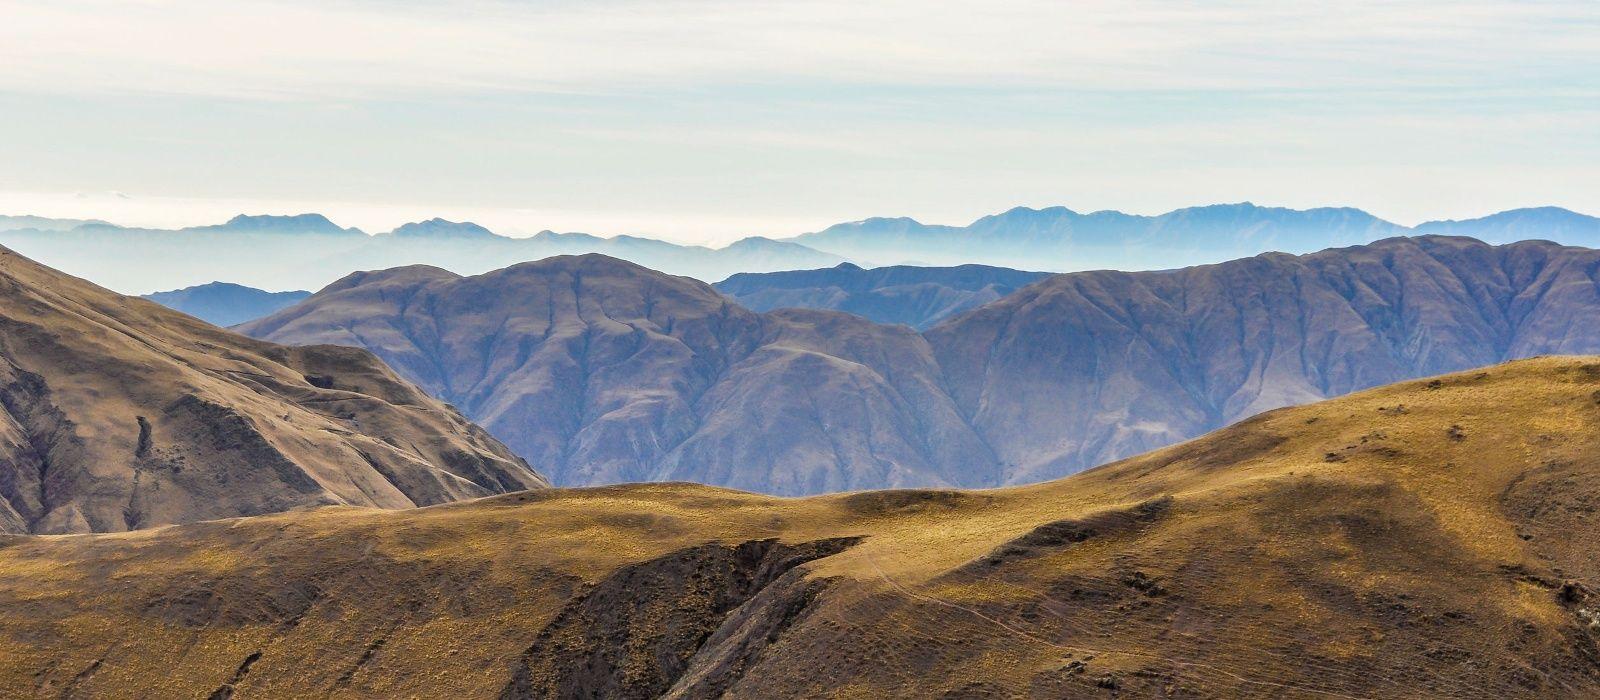 Destination Cachi Argentina